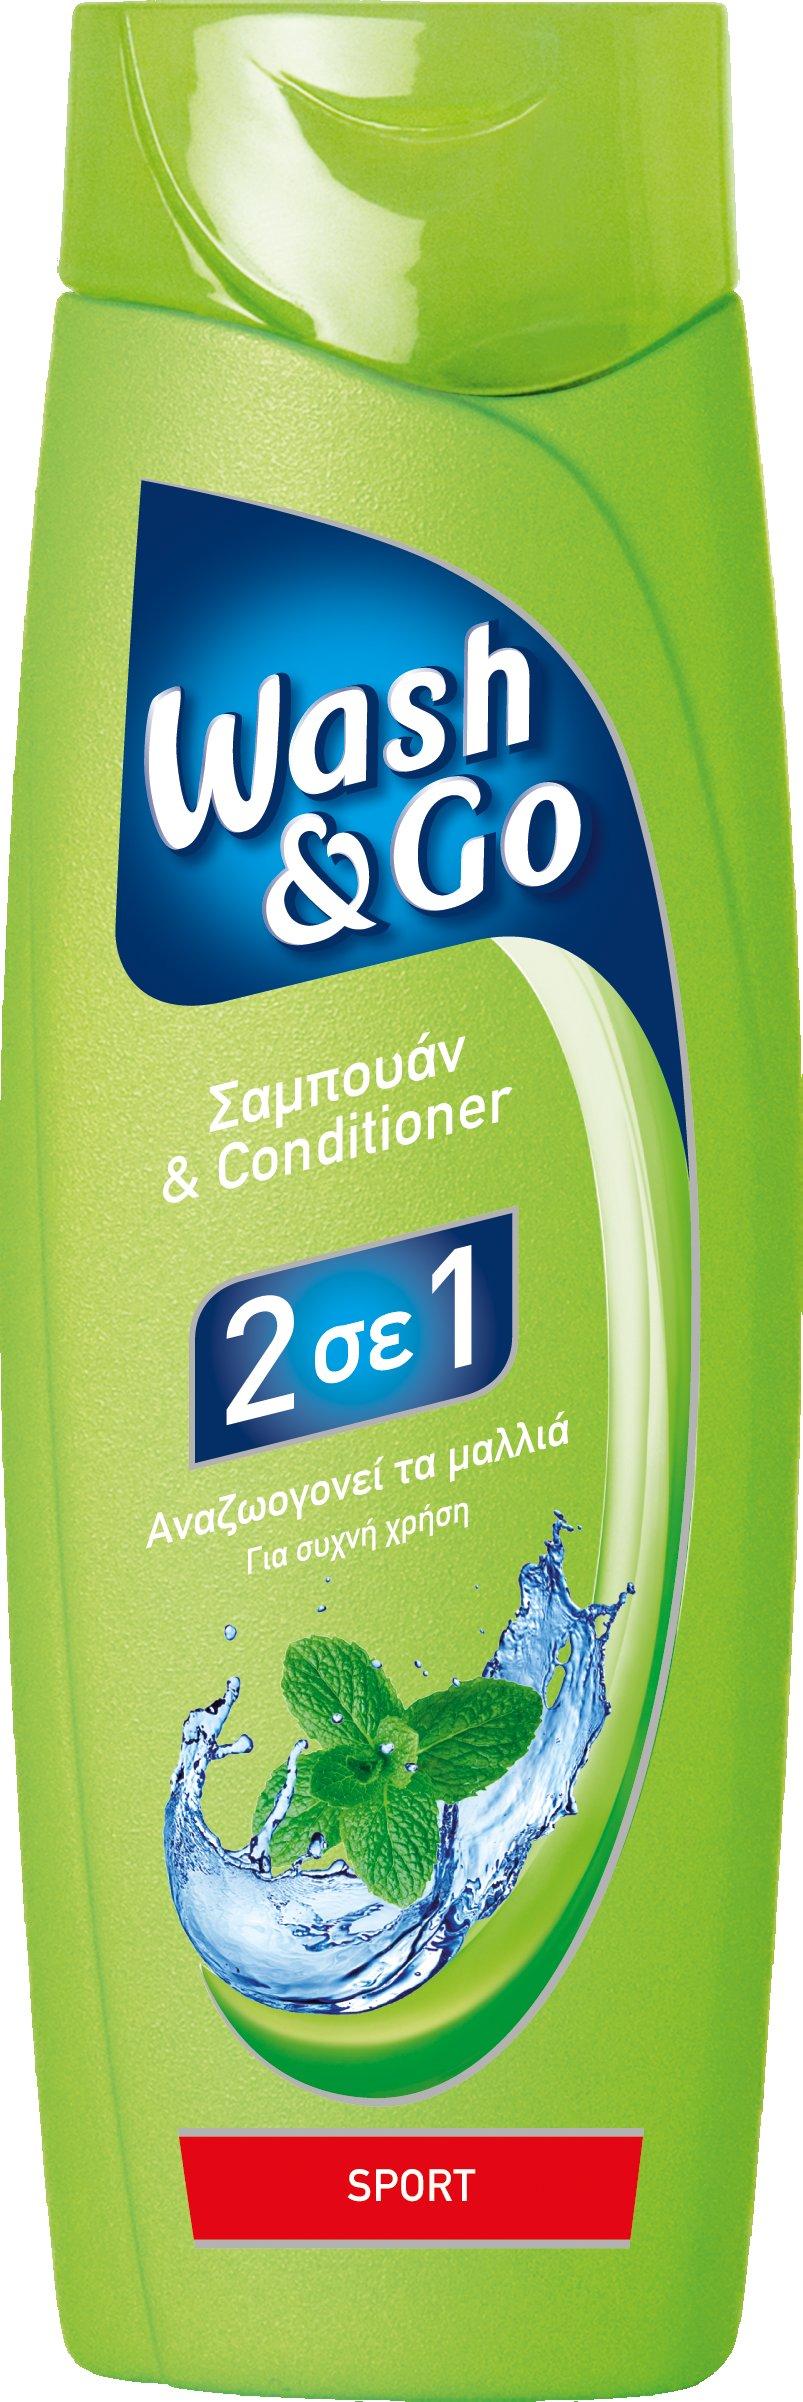 Σαμπουάν Sport Wash & Go (400 ml) 1+1